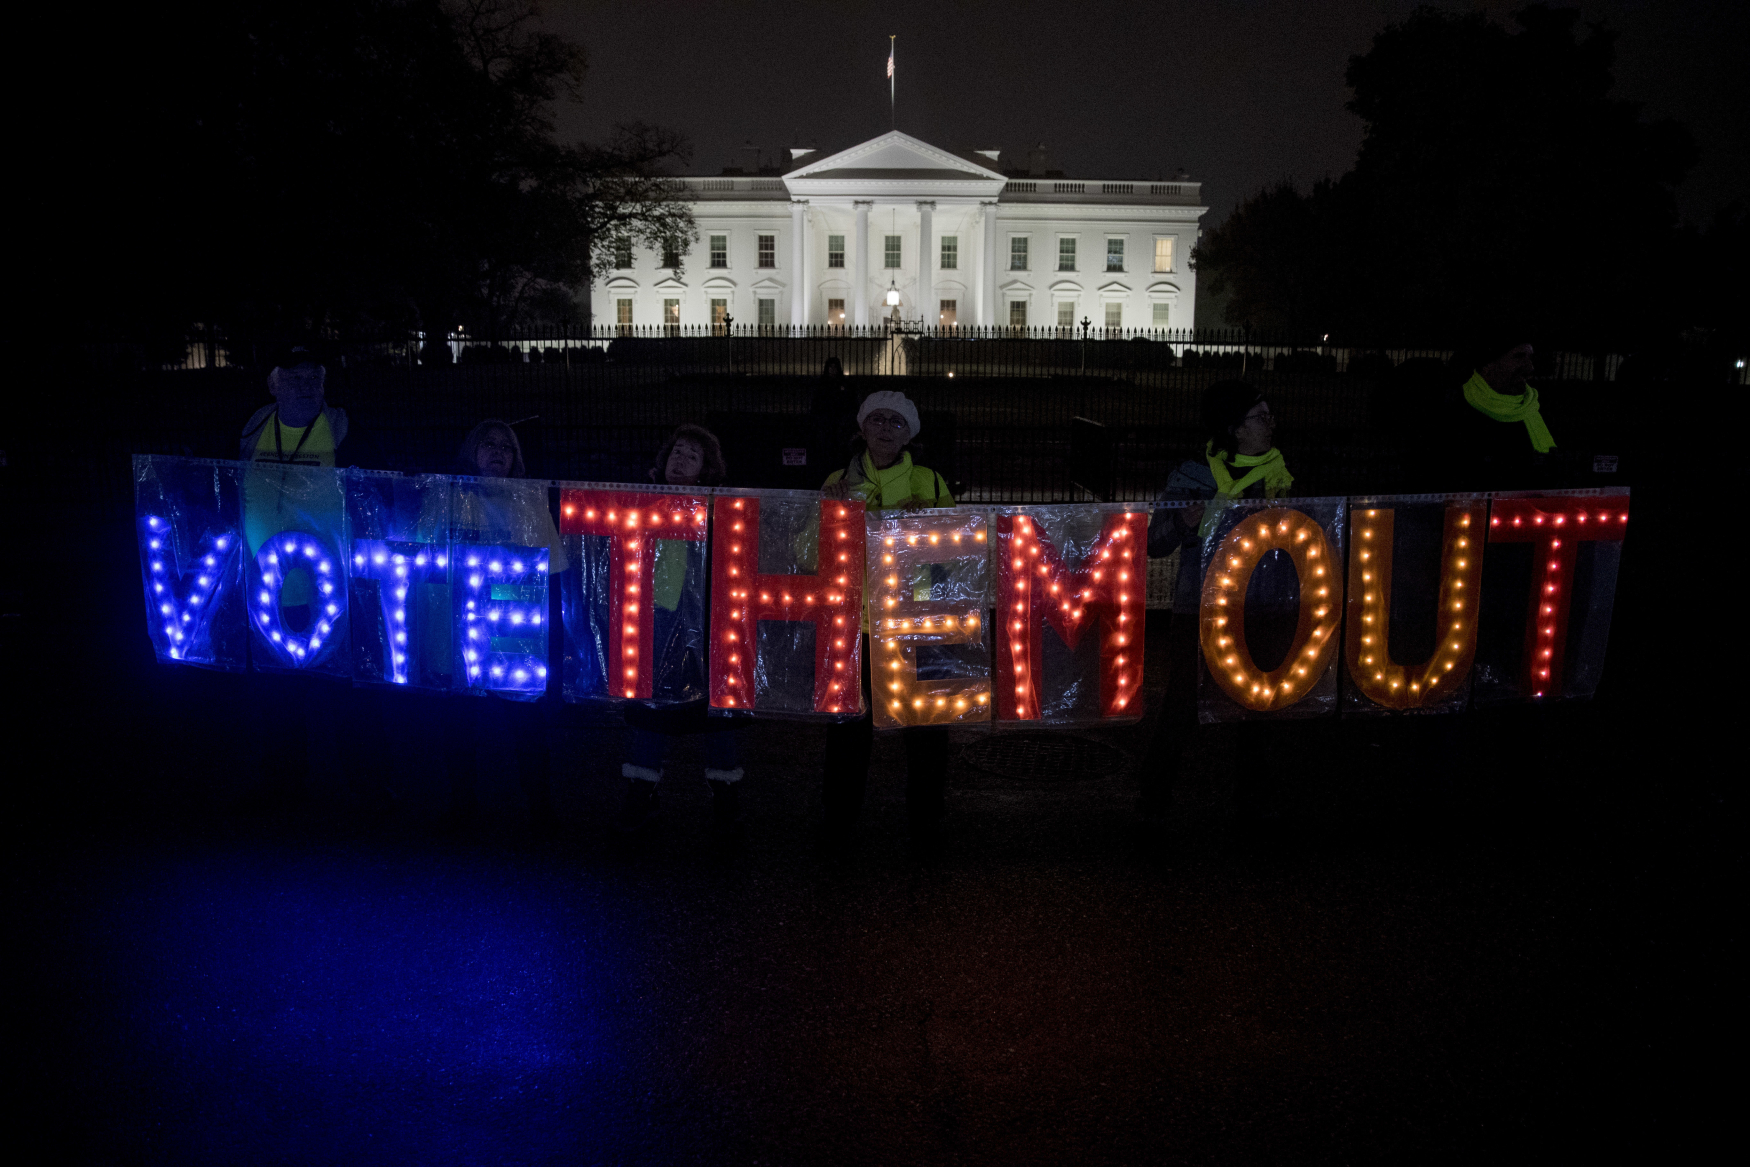 Prvovoliči a mladí lidé budou rozhodovat americké volby příštích let